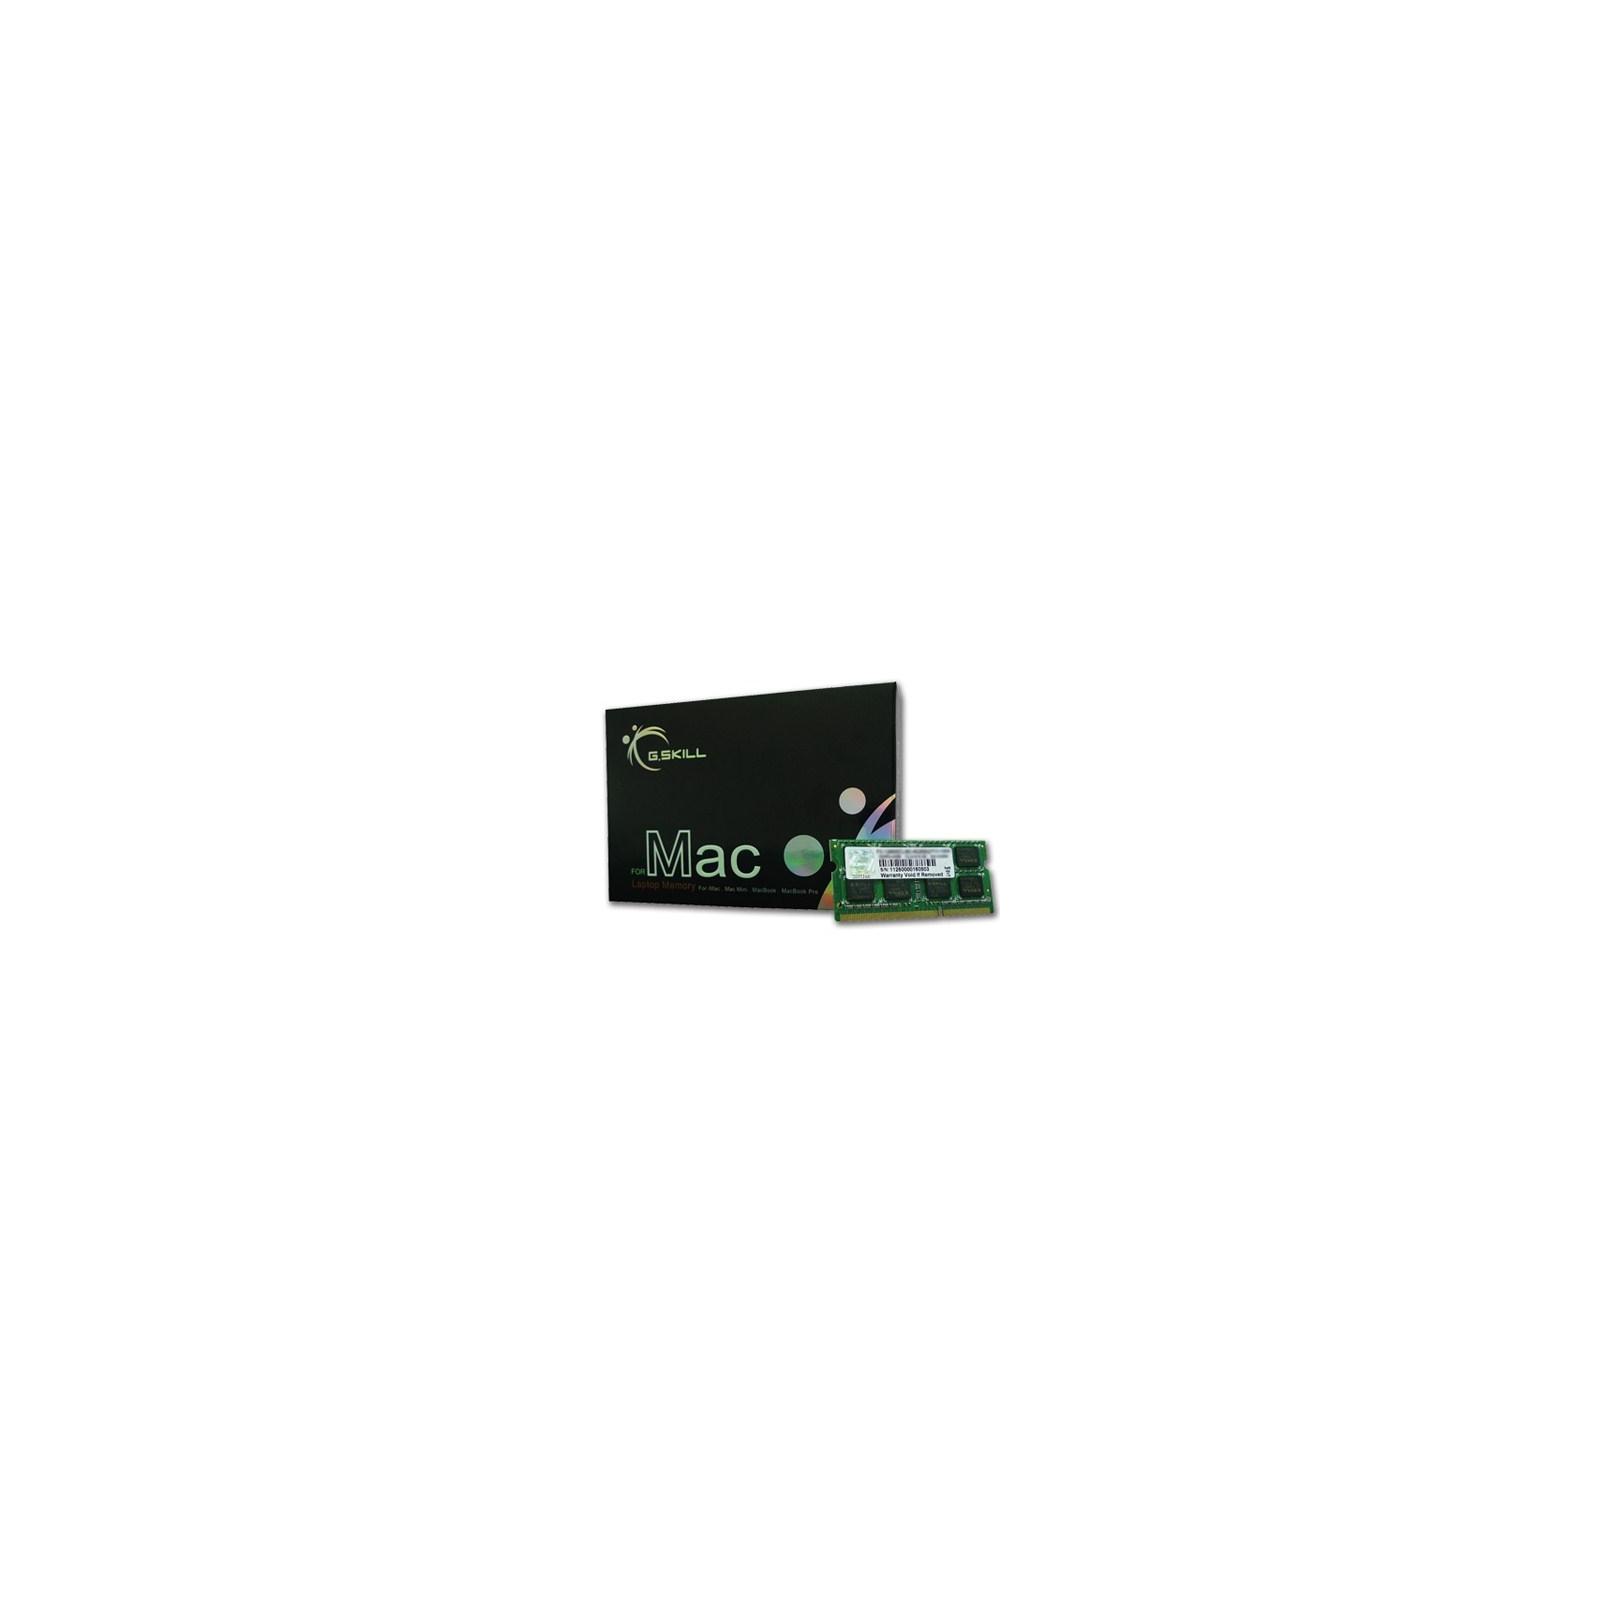 Модуль памяти для ноутбука SoDIMM DDR3 8GB 1333 MHz G.Skill (FA-1333C9S-8GSQ)